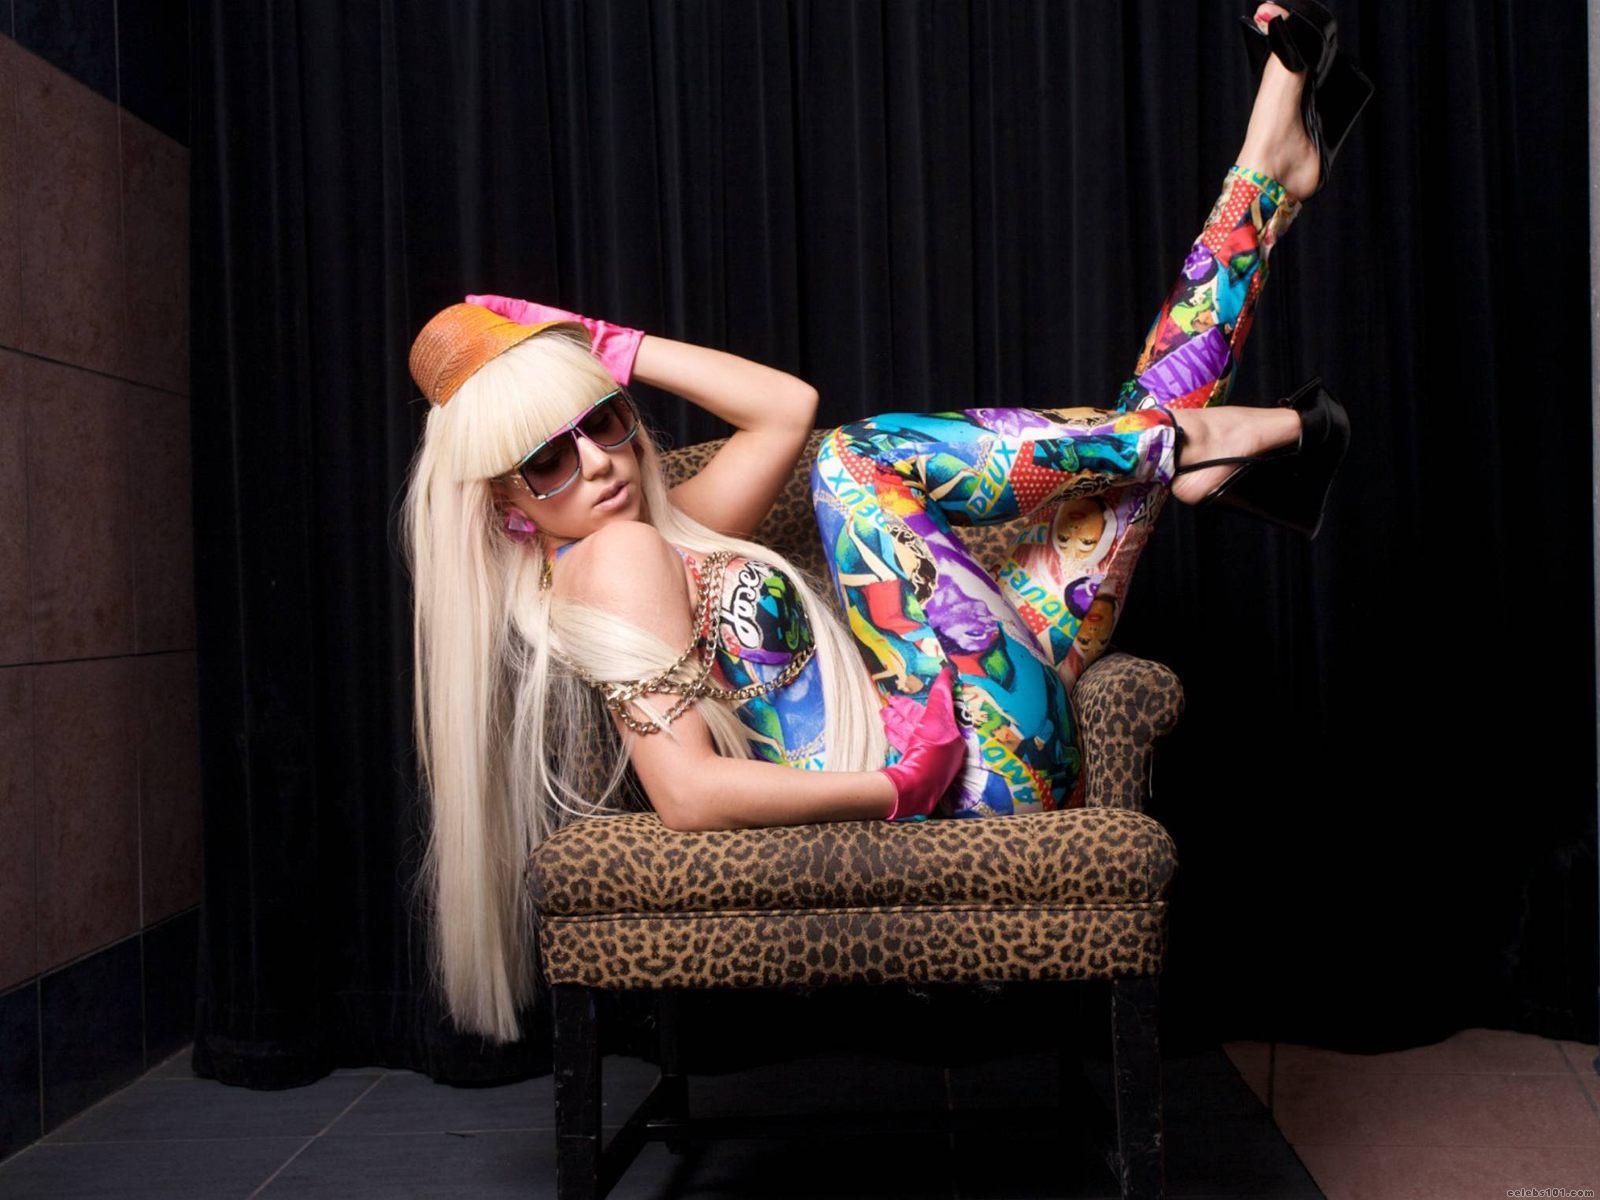 http://2.bp.blogspot.com/-dLlkEw_MkuY/TnaQz_7uC8I/AAAAAAAAYVY/q2D67Uj__ug/s1600/Lady_Gaga_Wallpaper.jpg